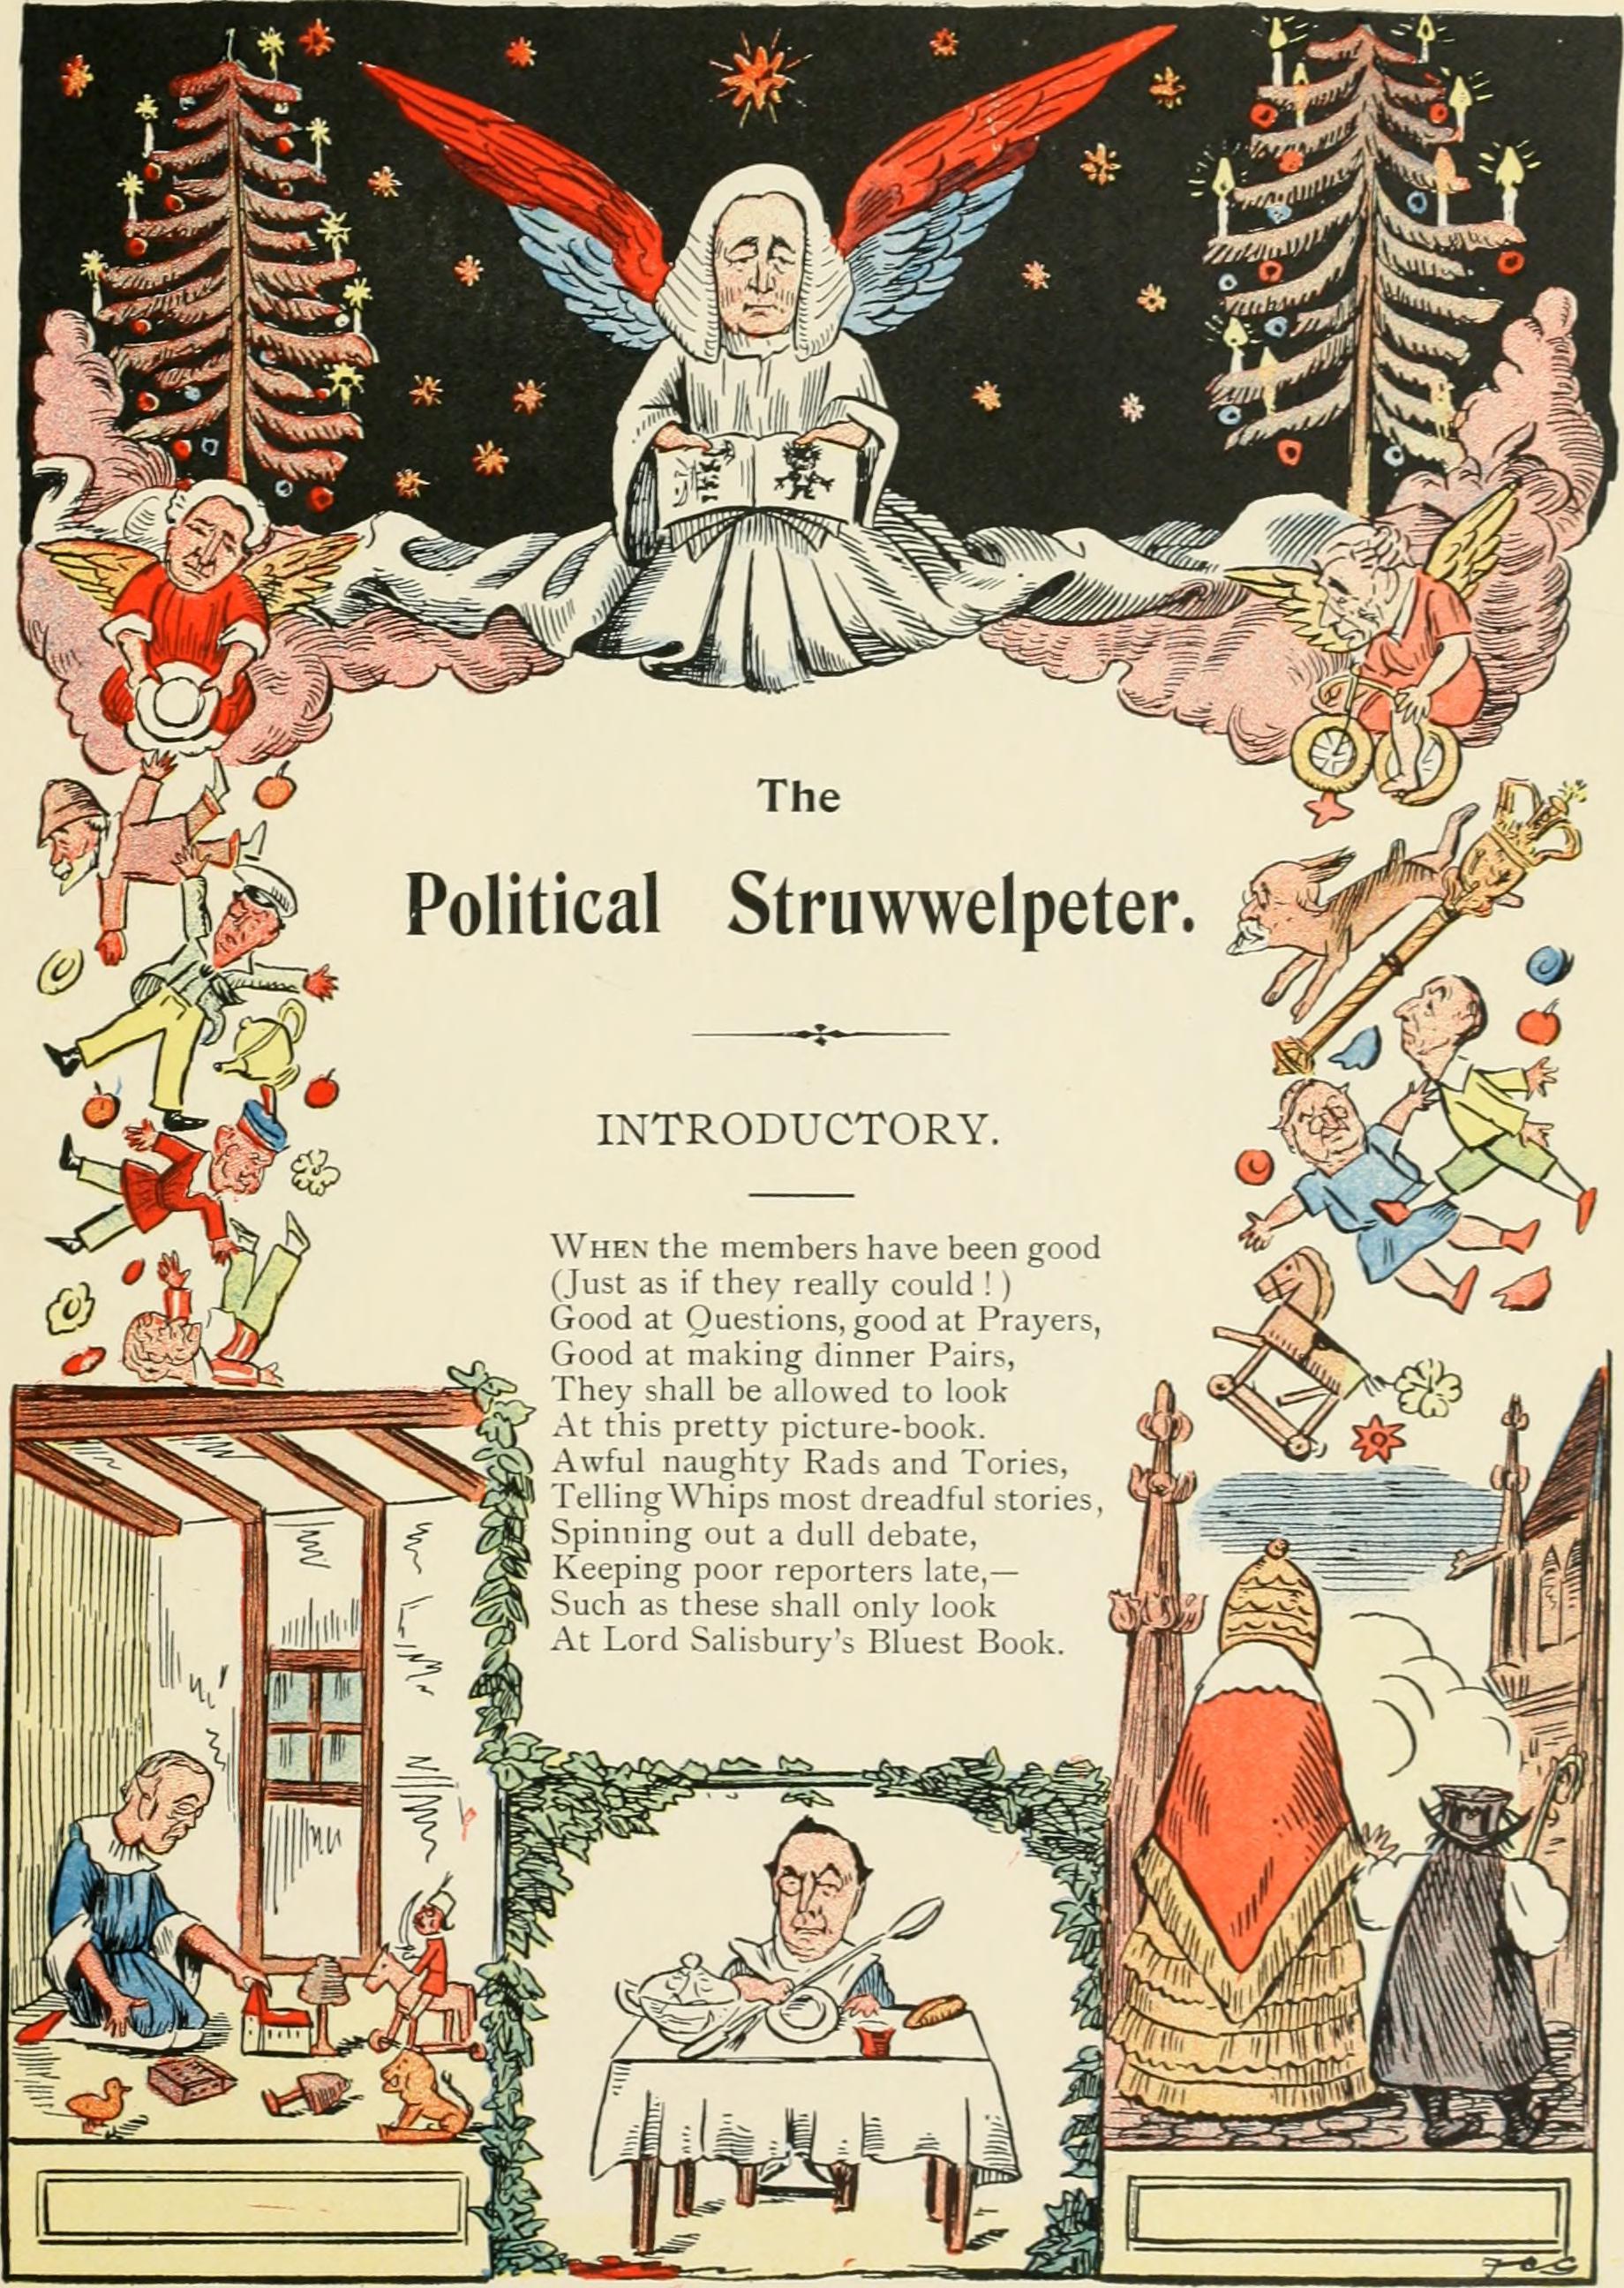 ''The Political Struwwelpeter'' (1899)